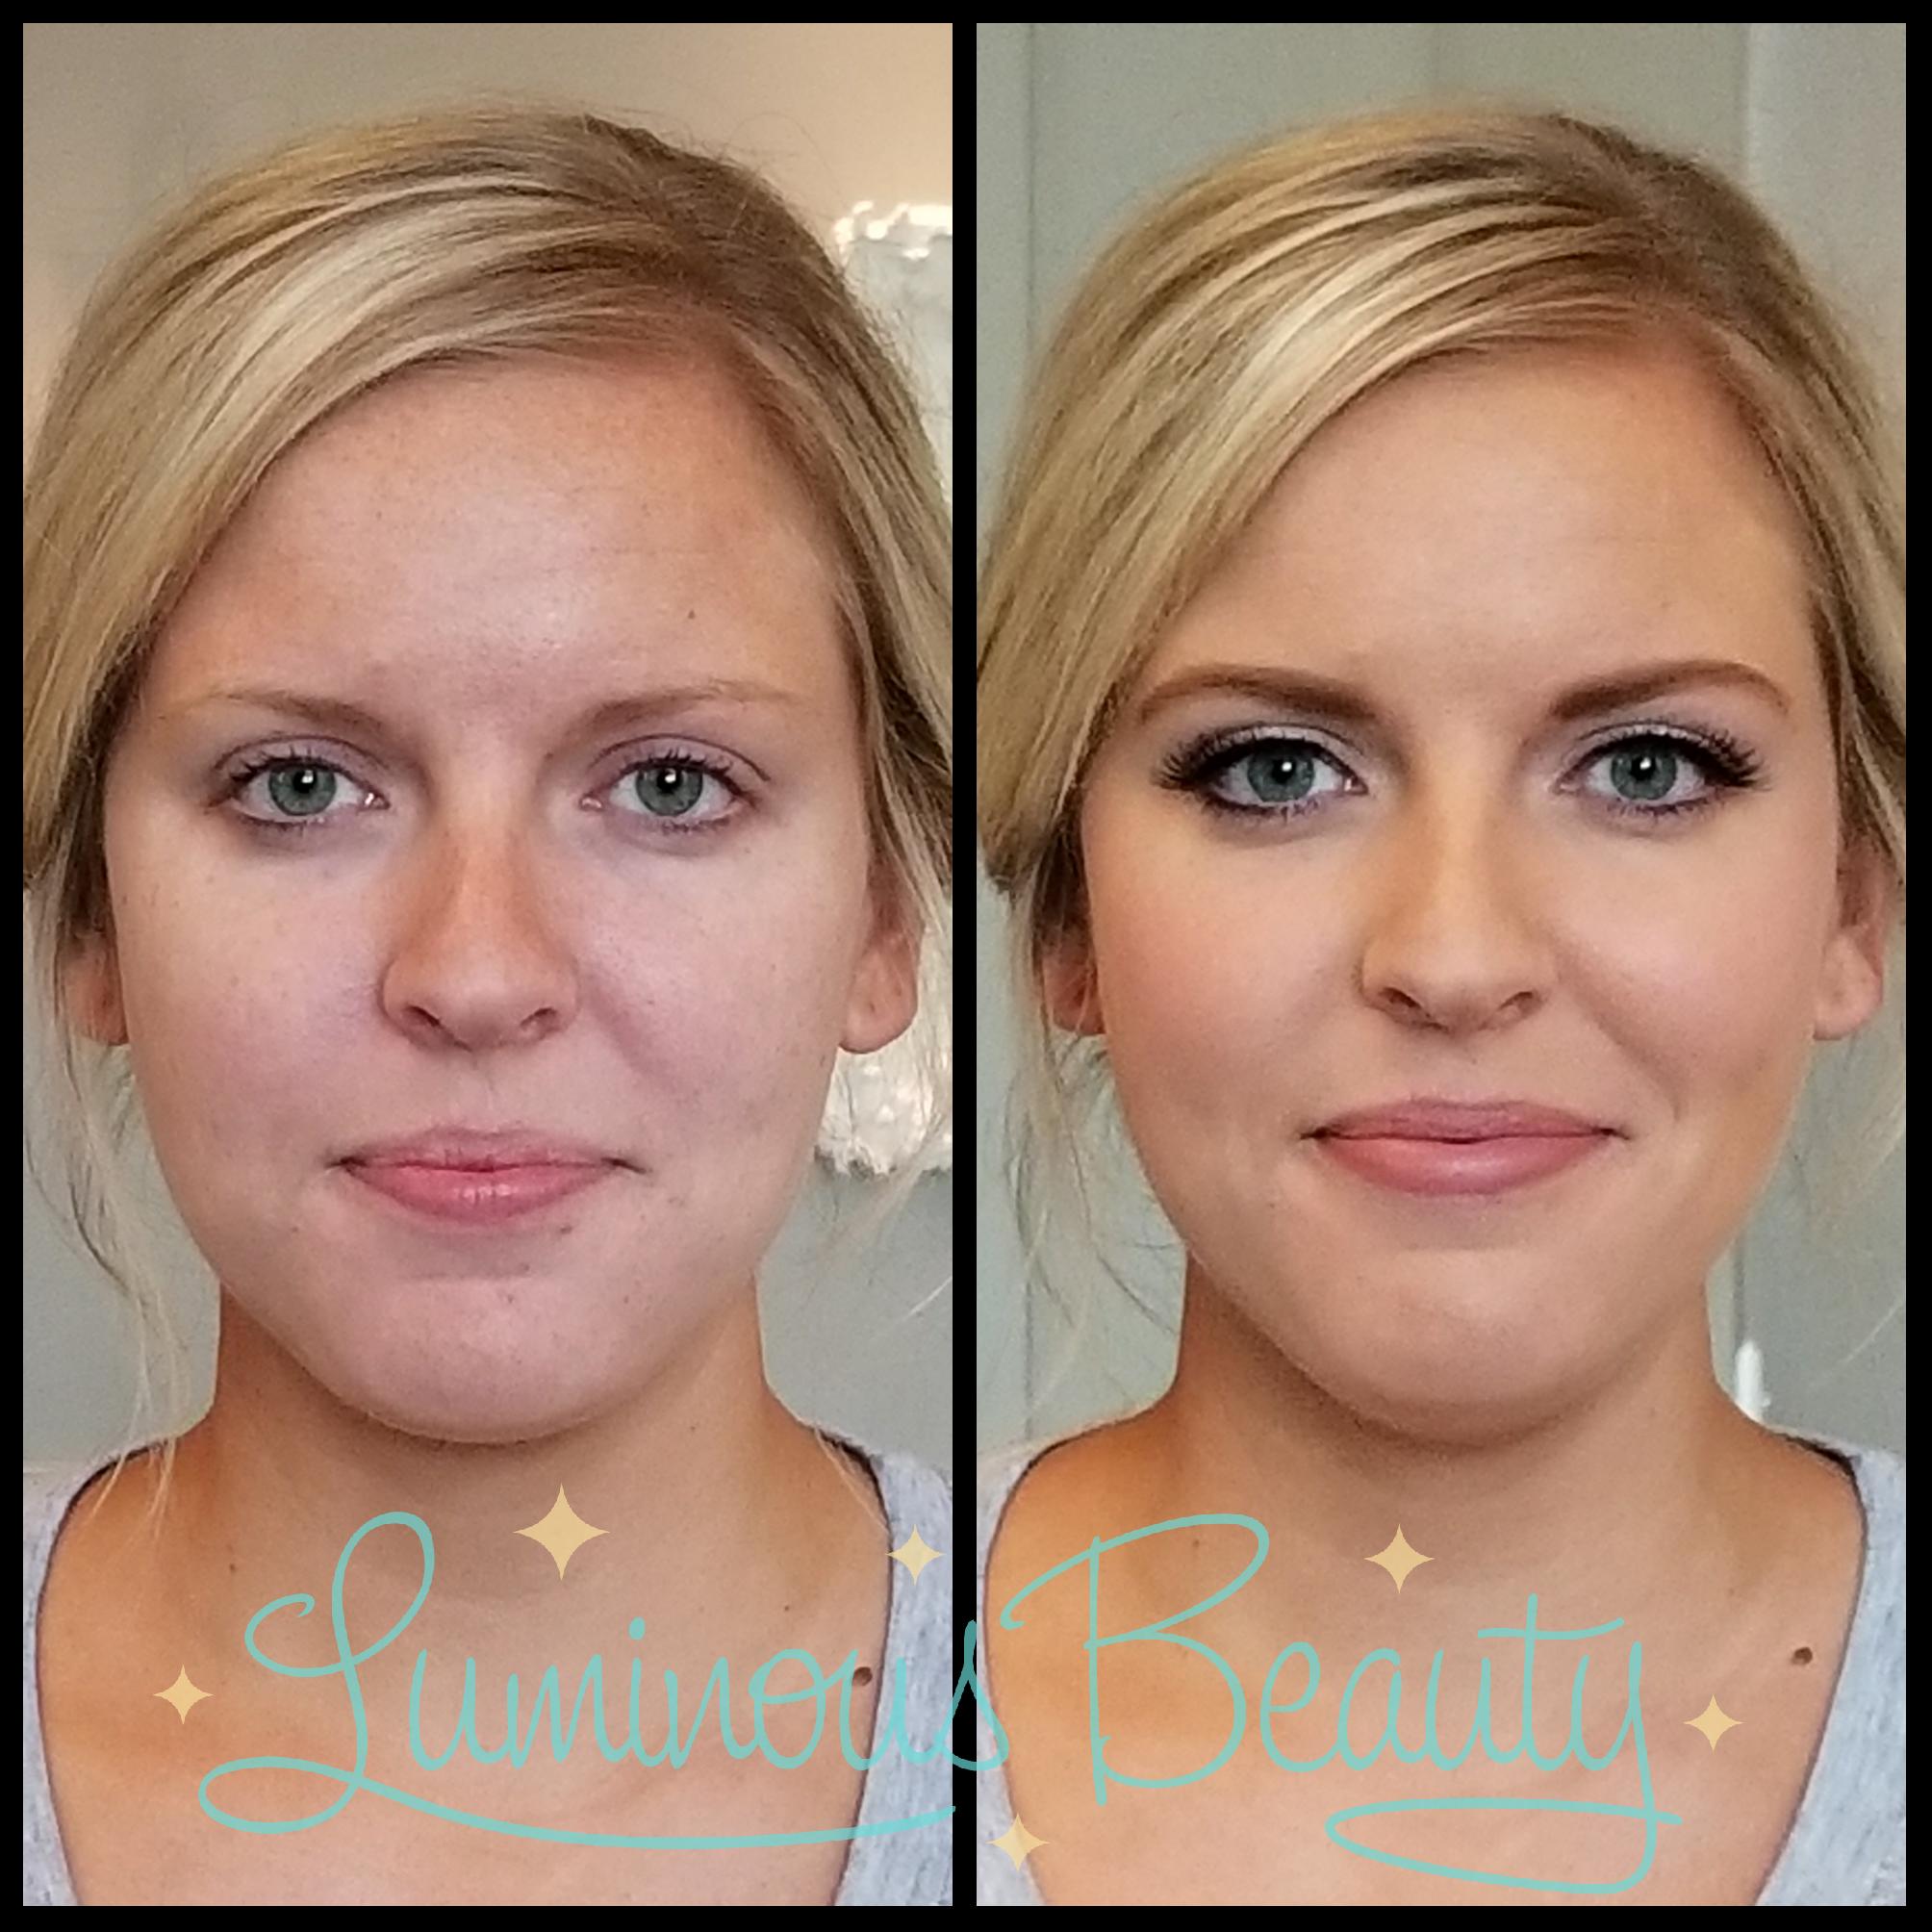 Skin Tone Evening Aibrush Makeup with Stunning Smokey Eyes with False Lashes Bridesmaids Makeup. Luminous Beauty Makeup Artist..png